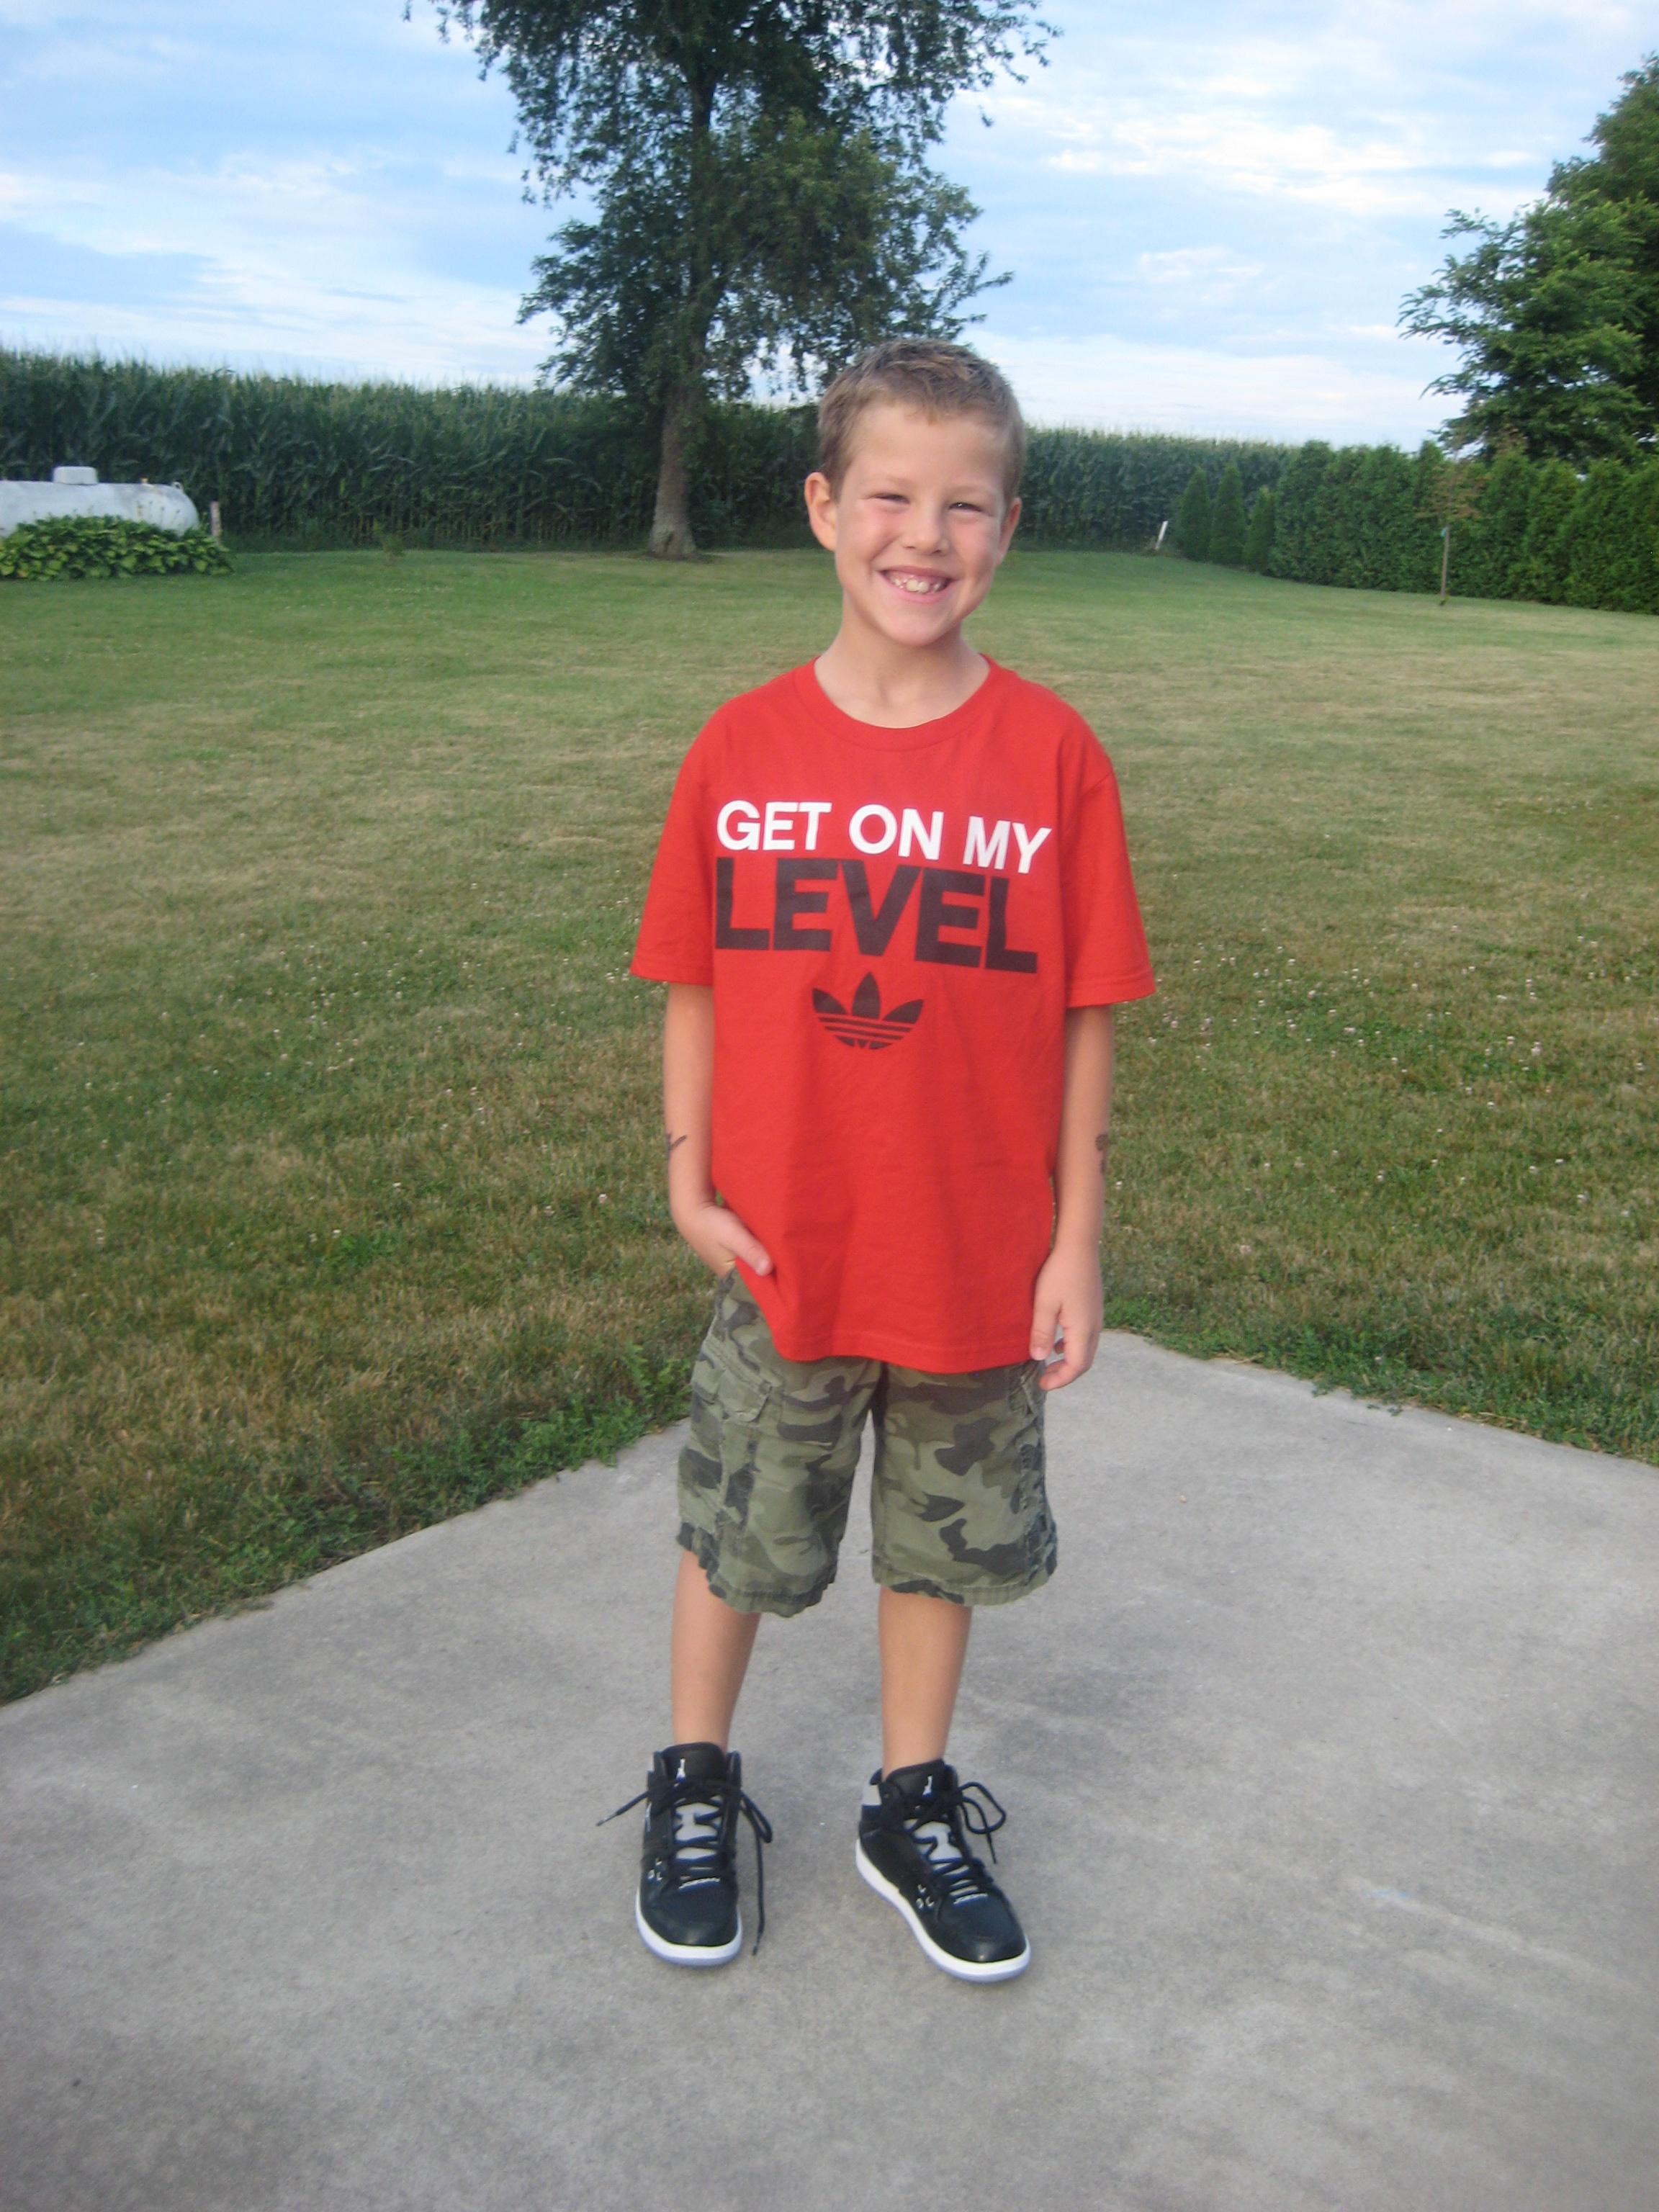 d7a662d6f4 Back to School with Kids Foot Locker - momma in flip flops